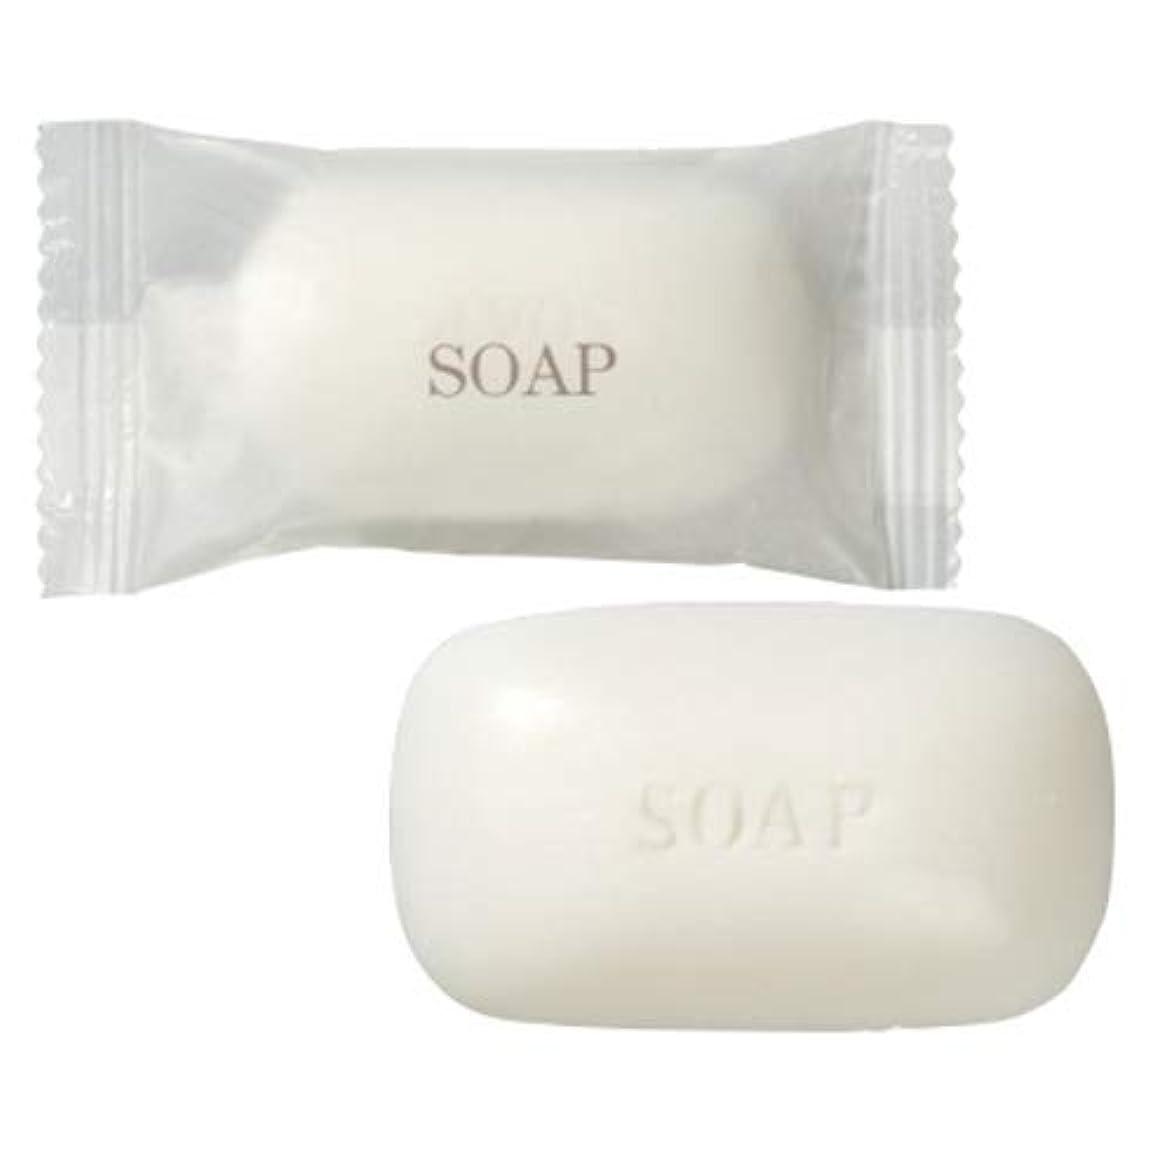 フリース不潔と業務用 フィードソープ(FEED SOAP) マット袋(M袋) 15g ×50個 | ホテルアメニティ 個包装